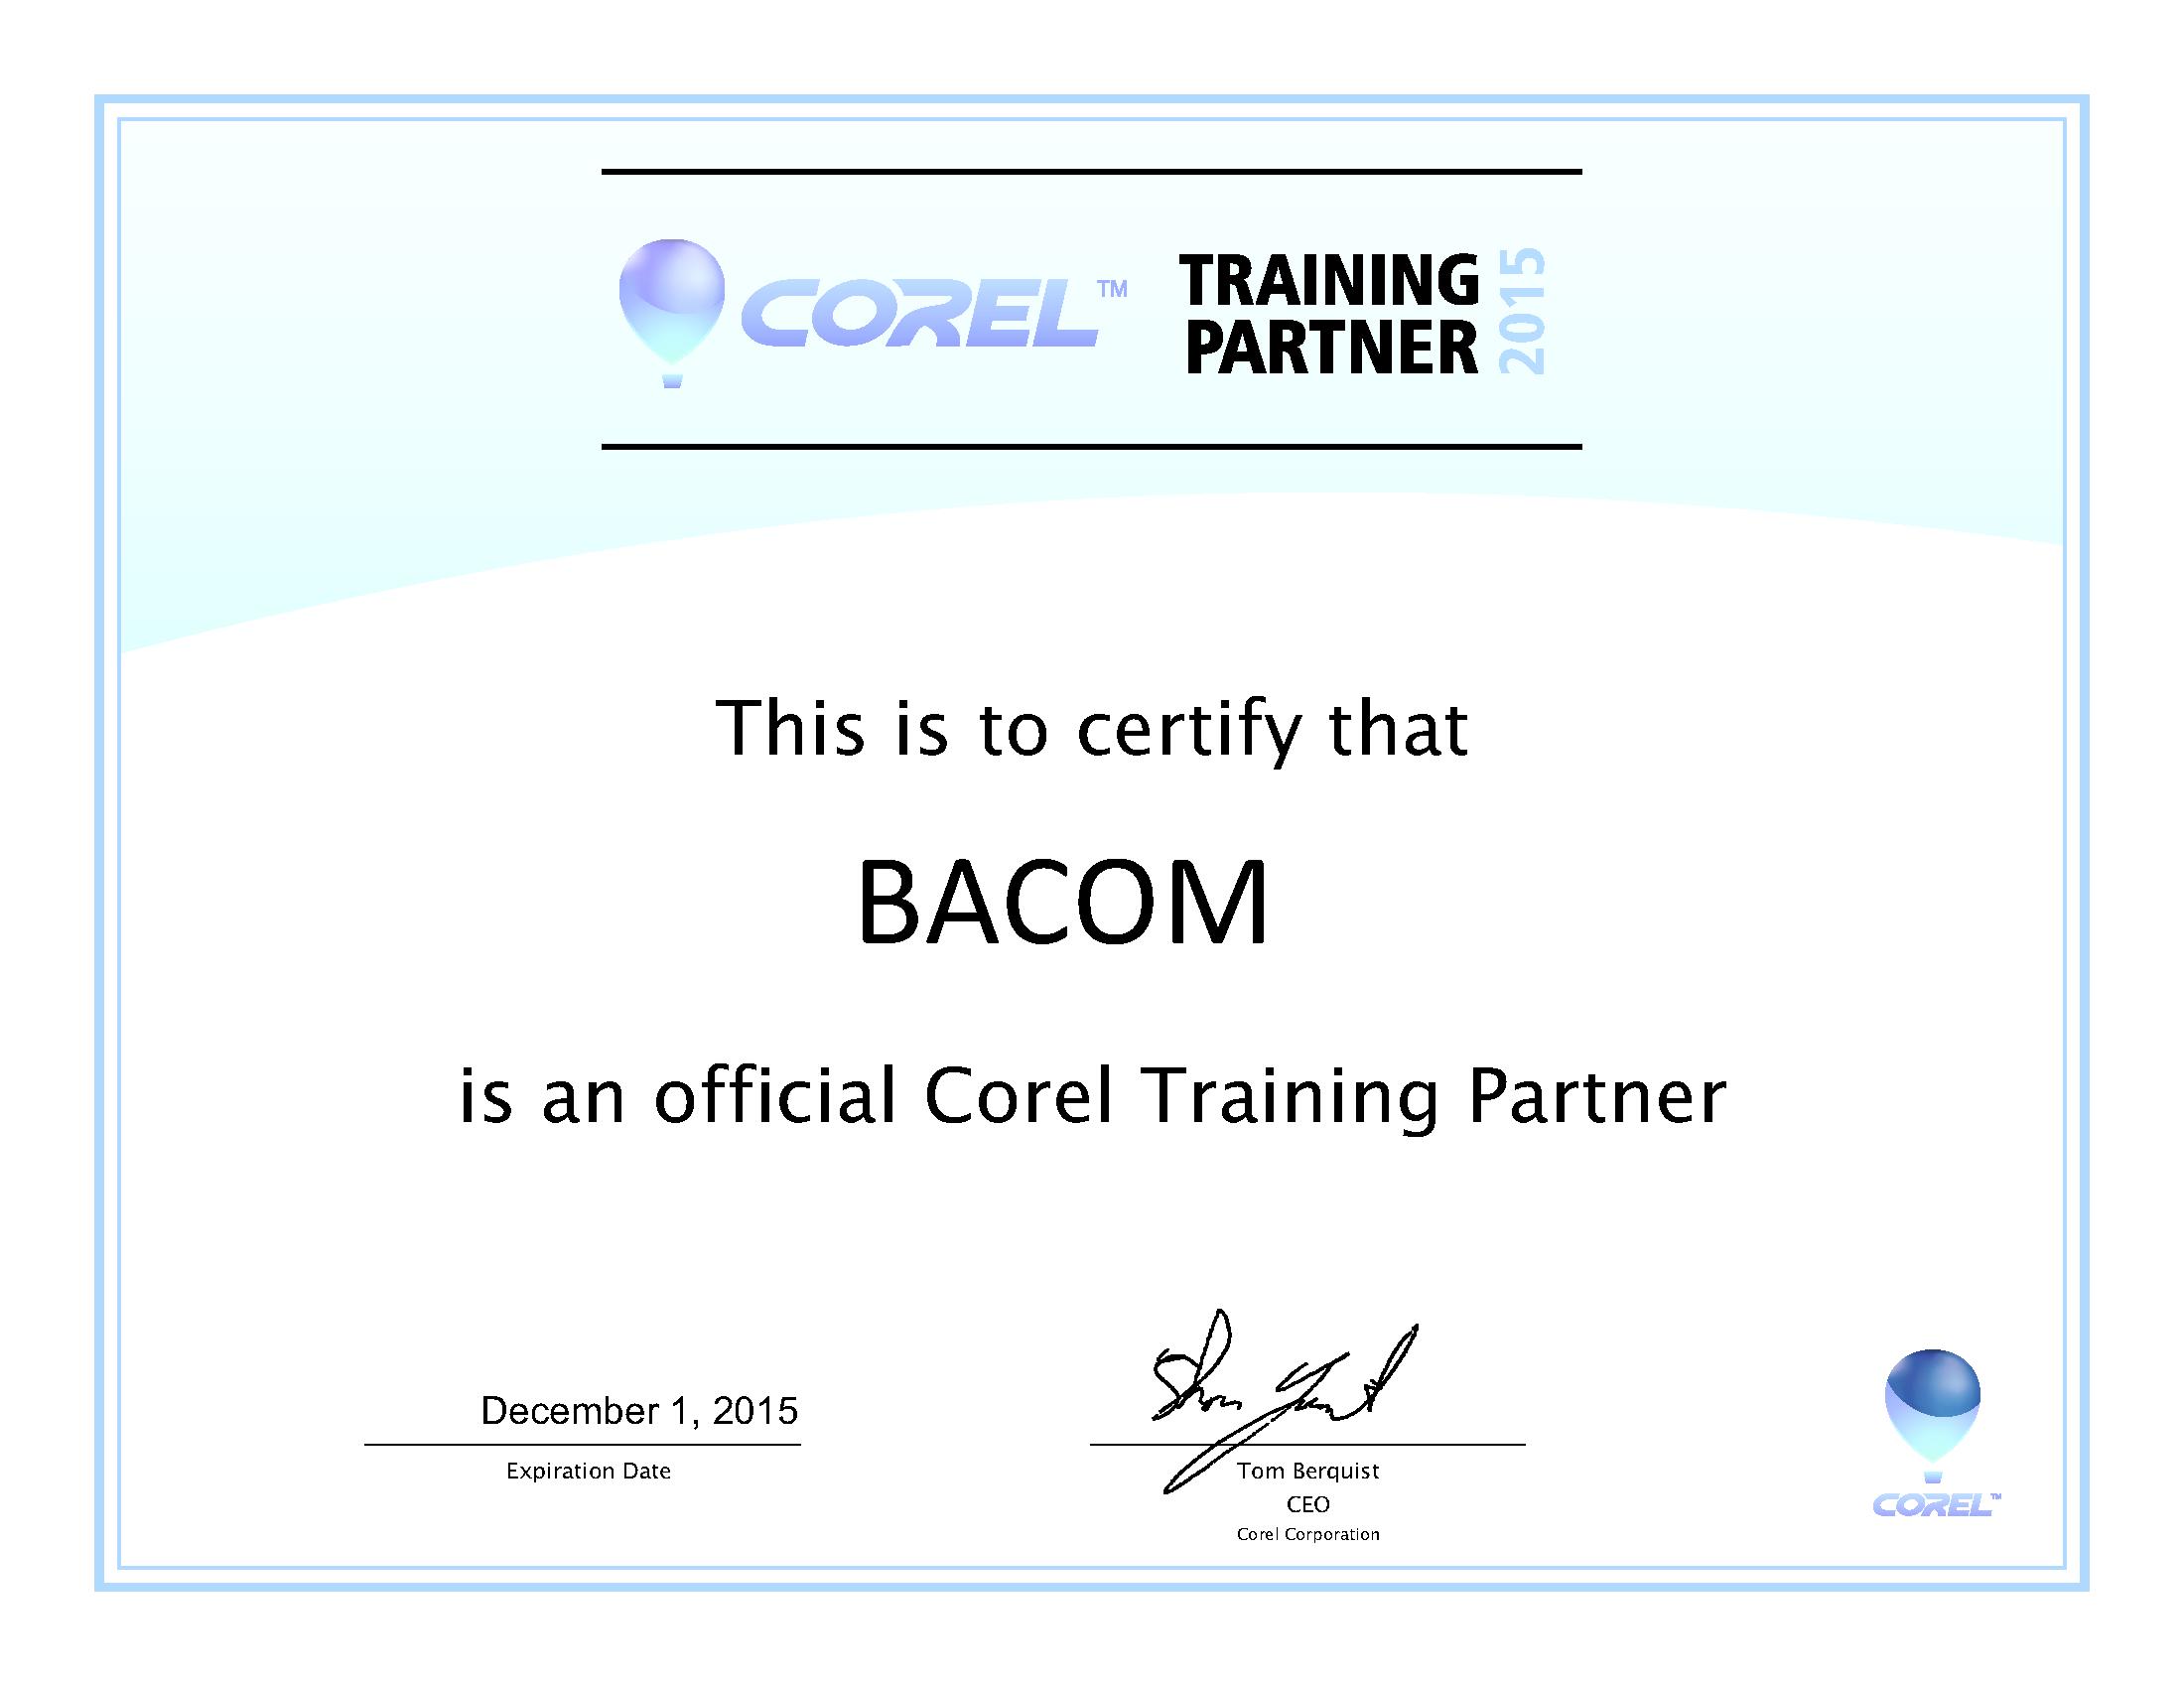 Official Corel Training Partner